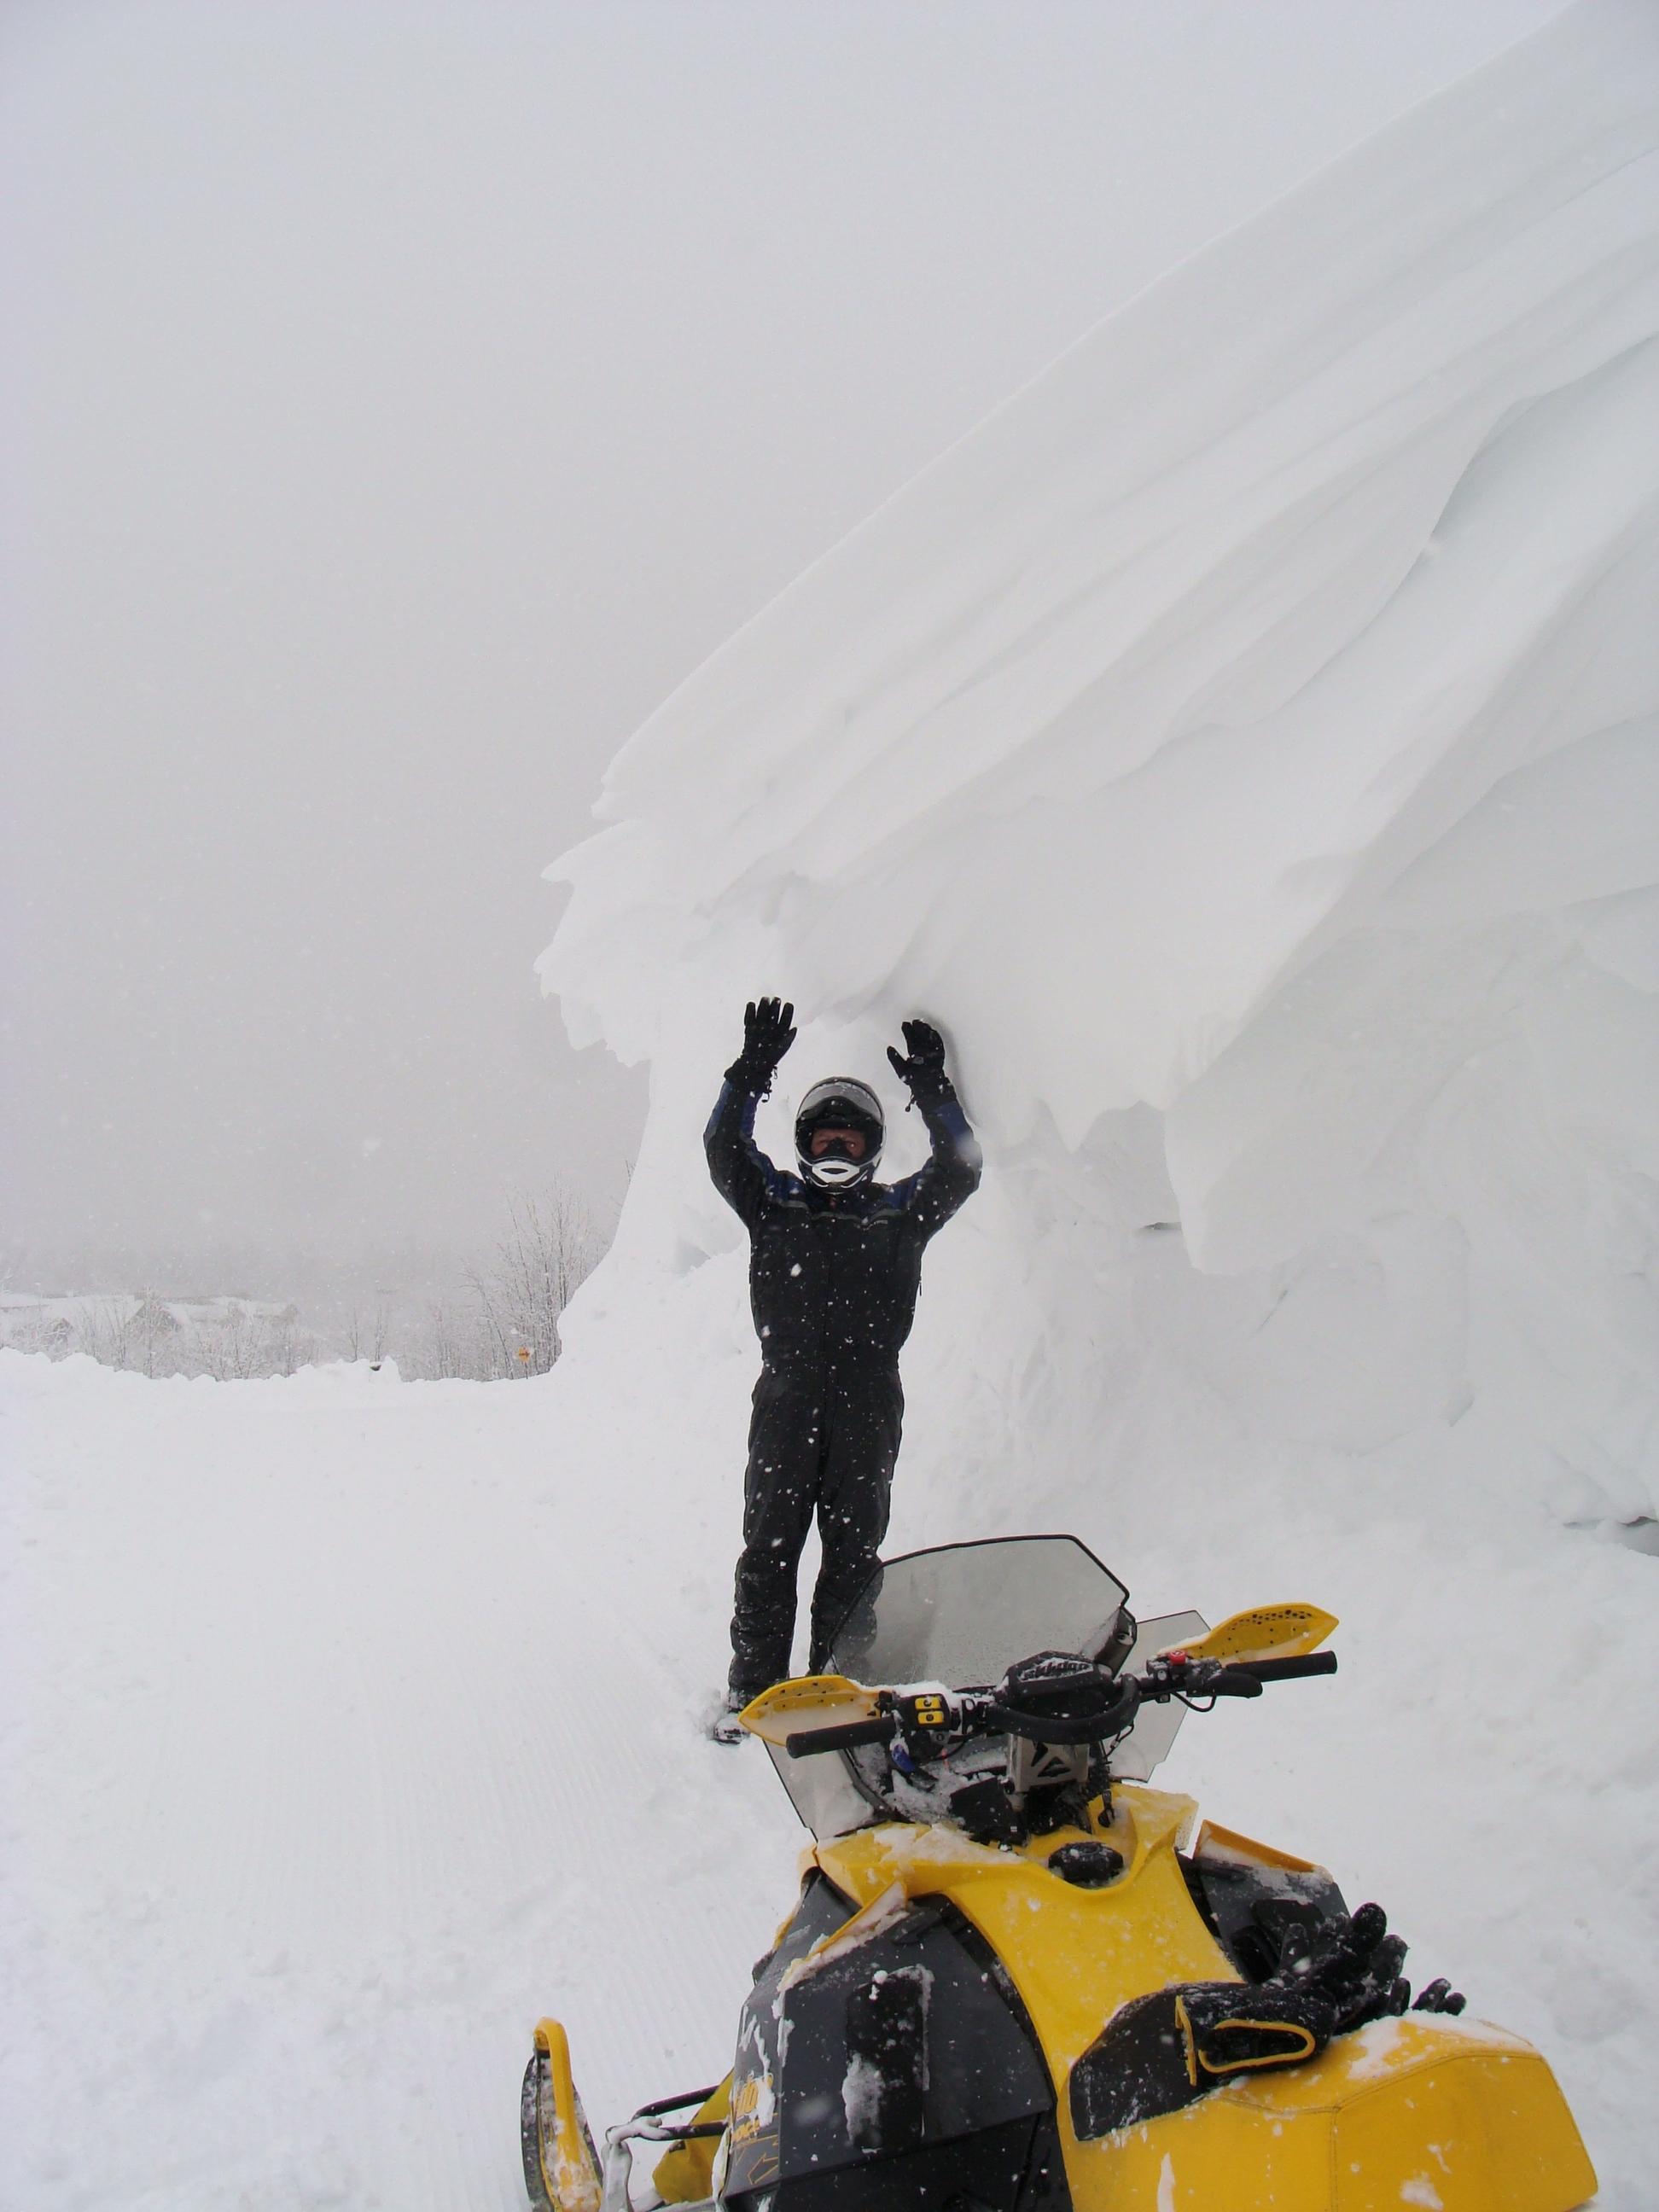 snow-038-8c46f4fcbeaa9093282817e84e4f65181df9a837